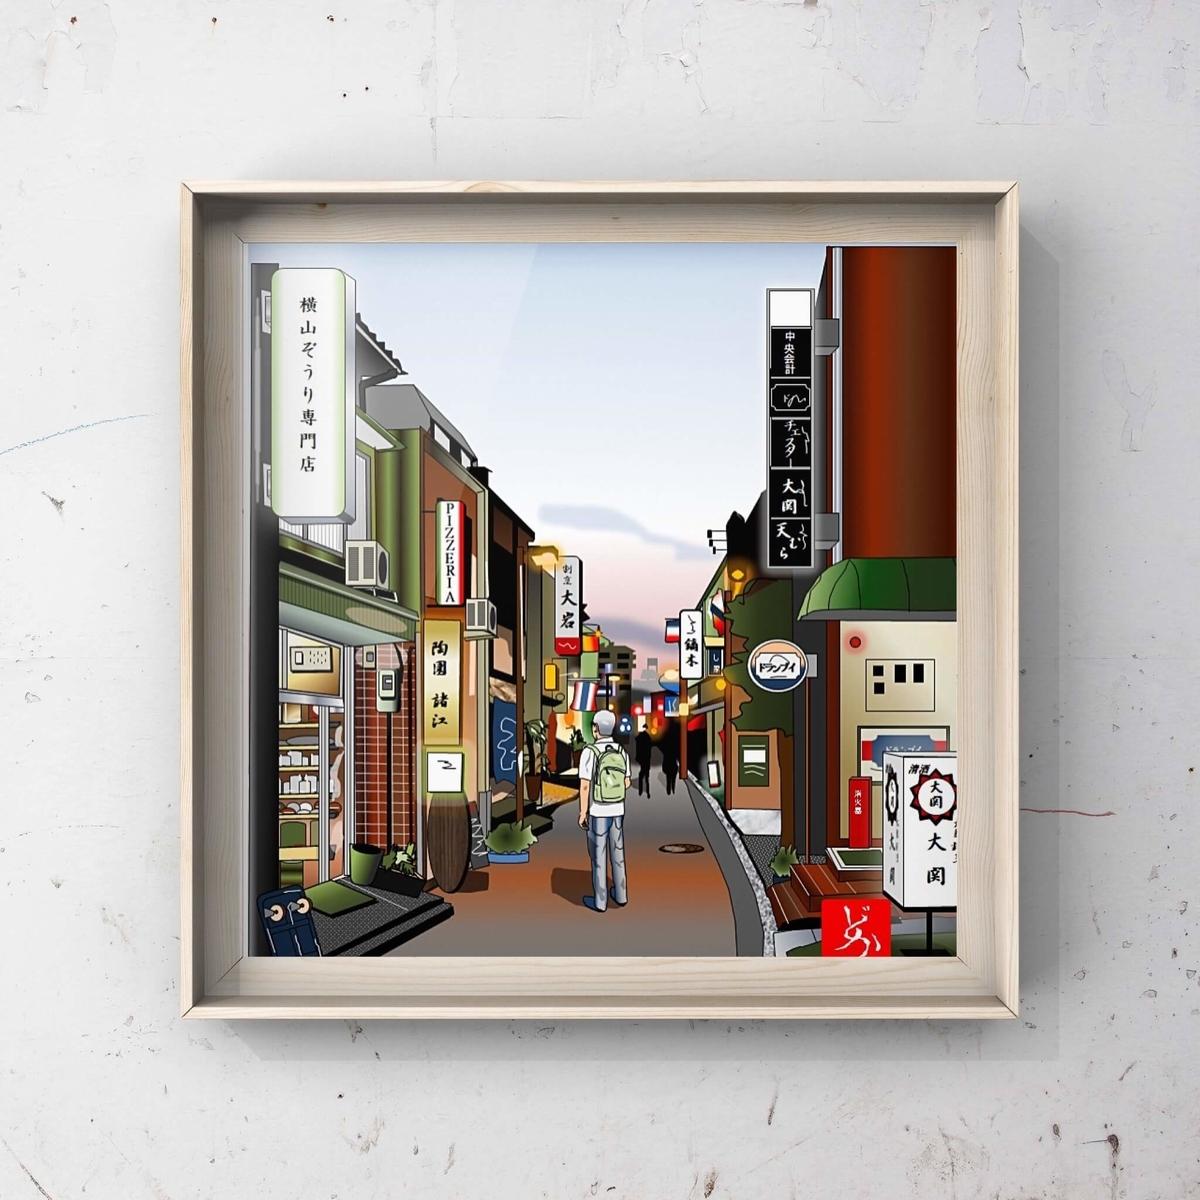 金沢木倉町の夕暮れのエクセル画イラスト金沢額装版